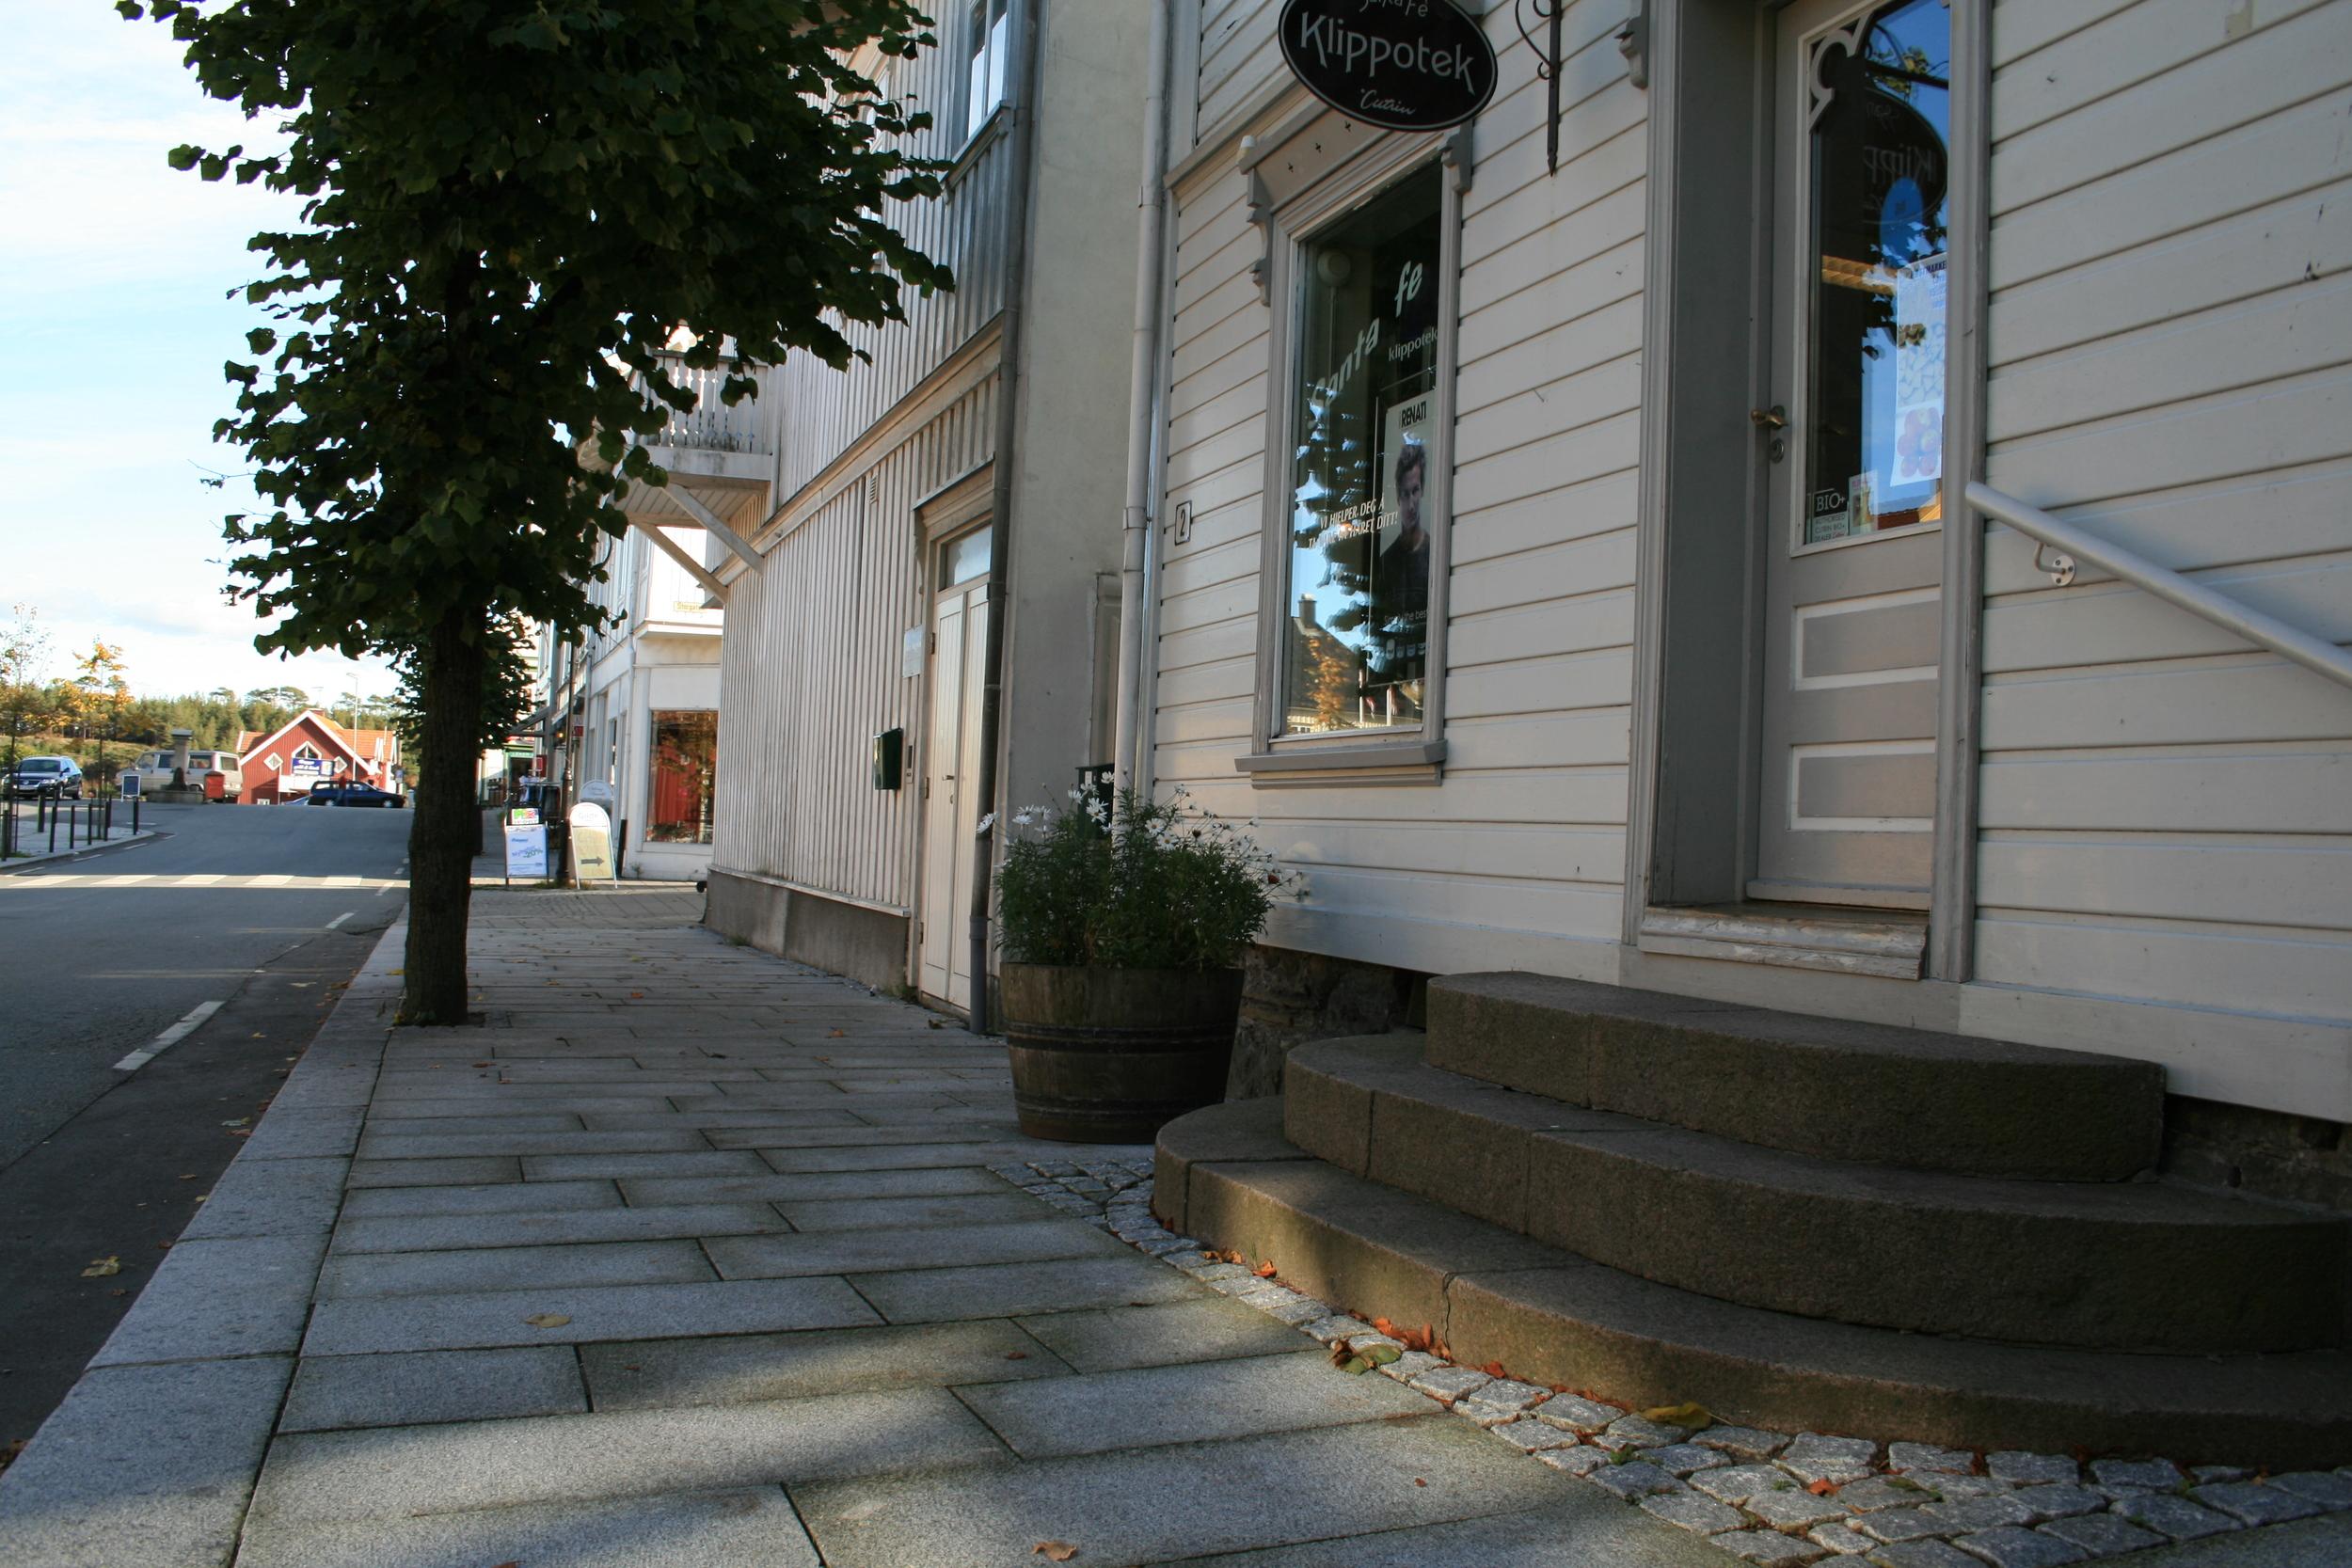 Fortauene er enkle, solide og kler småbyen Langesund